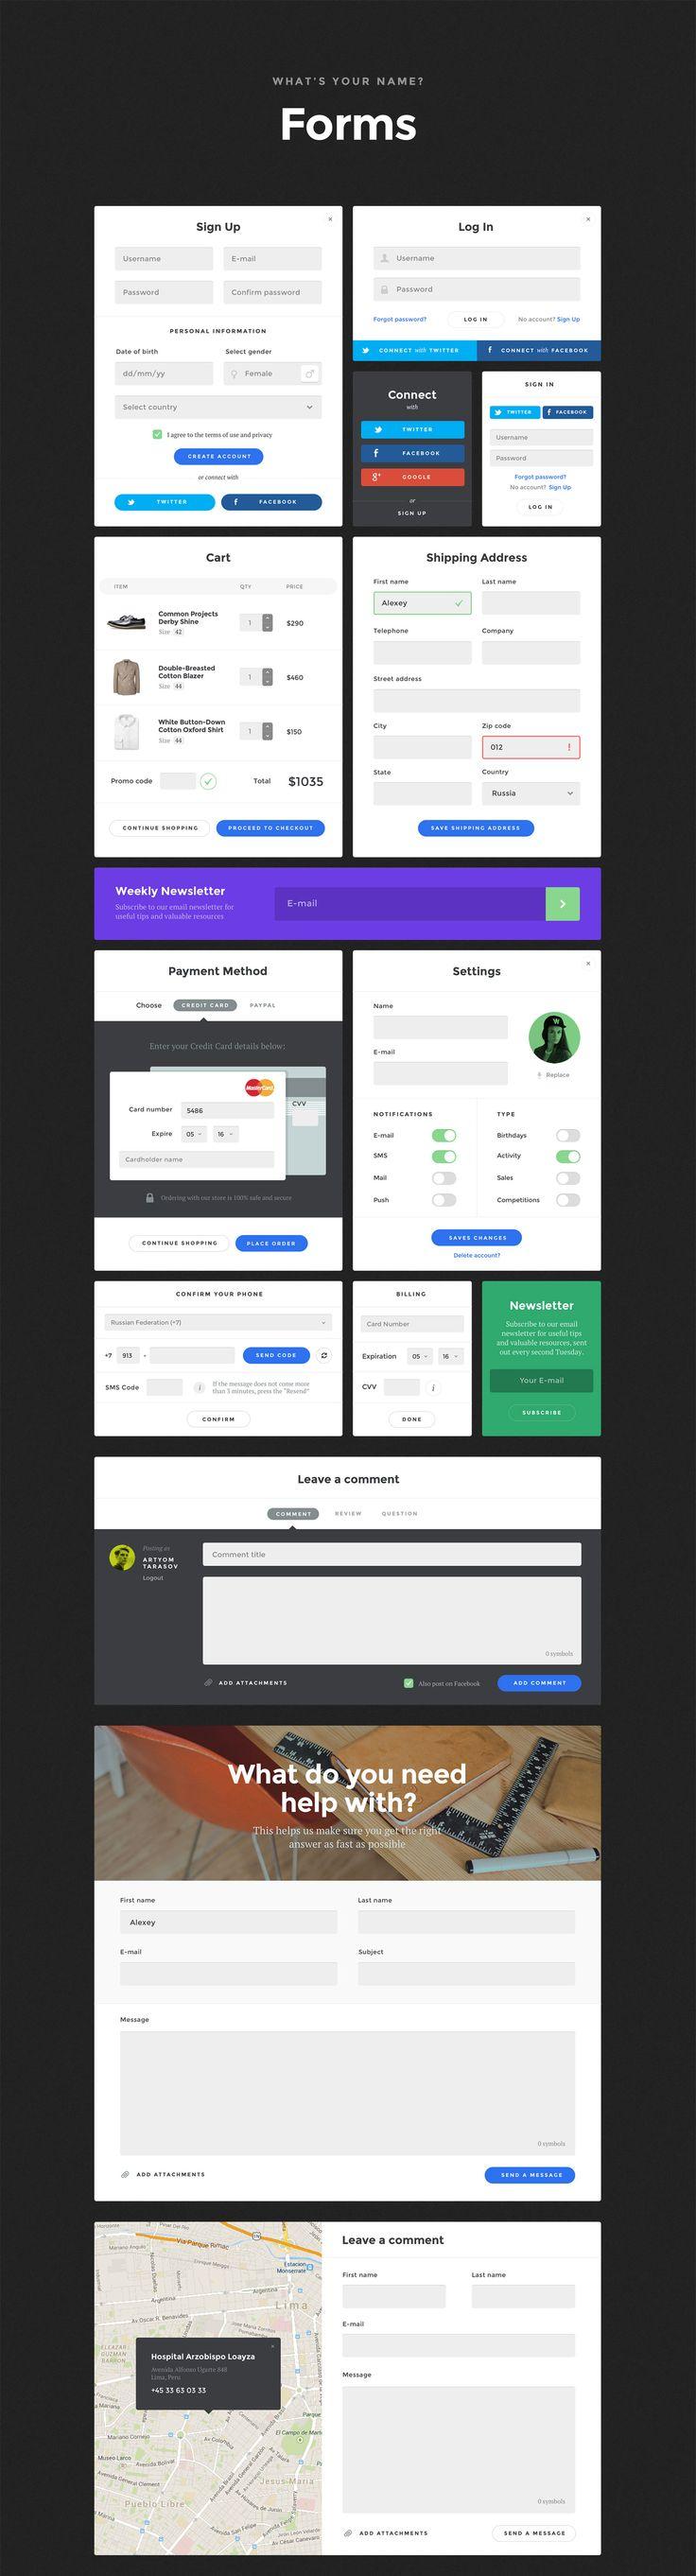 Baikal – Stylish Web Component Based UI Kit